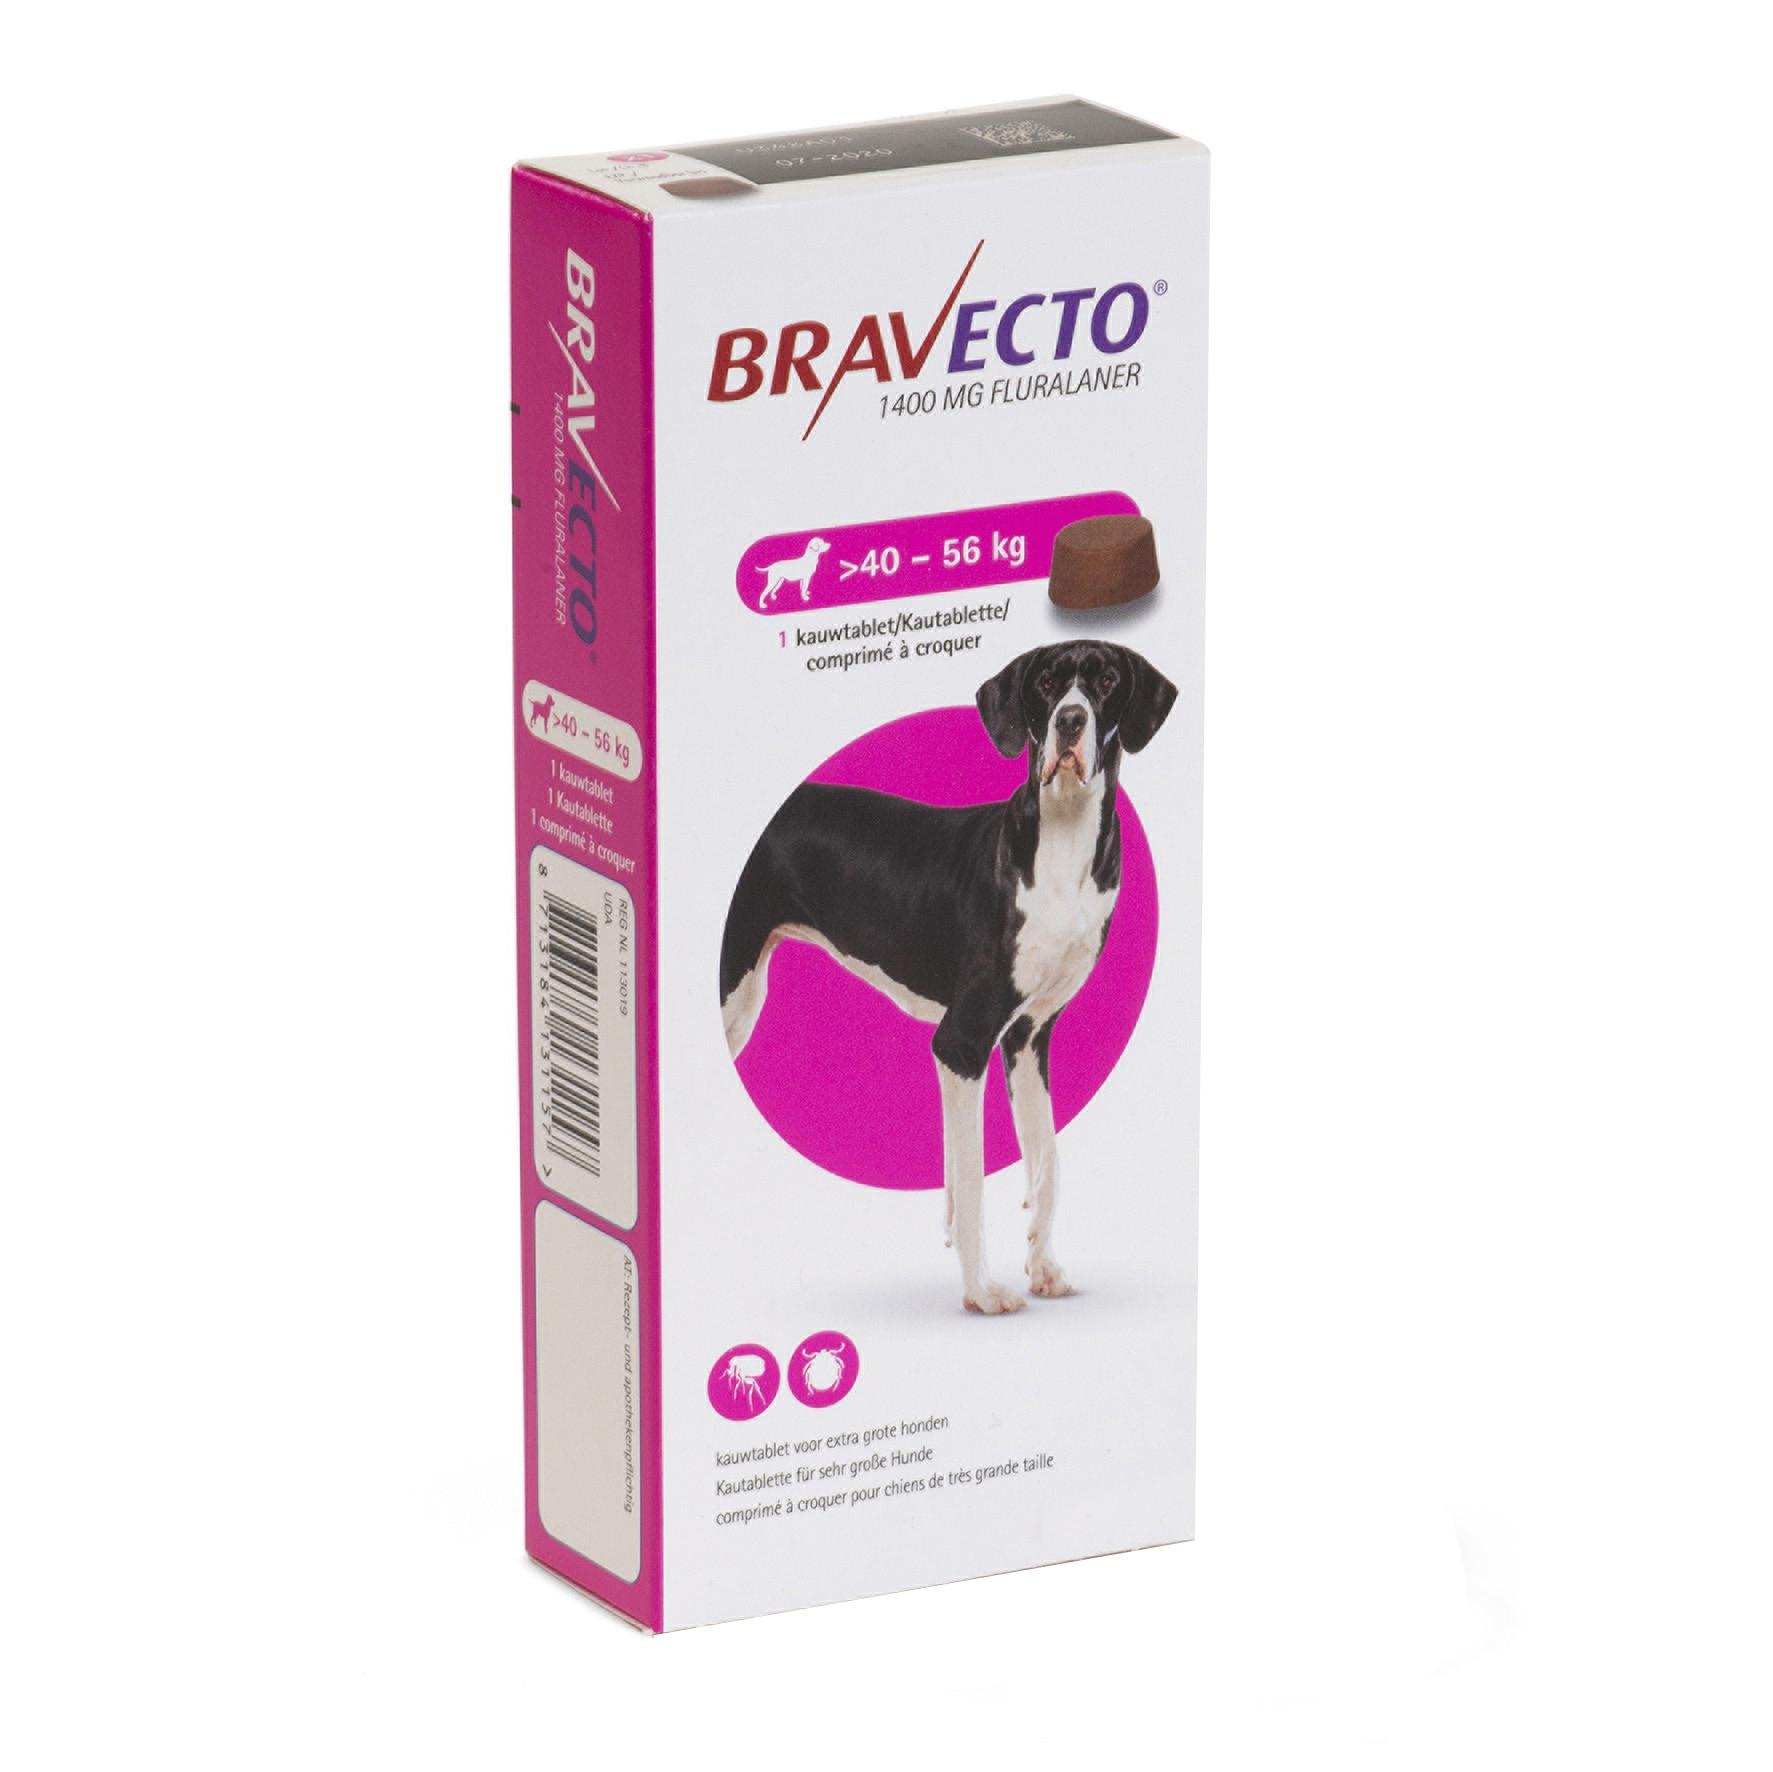 Bravecto (40-56 Kg) 1 Tbl X 1400 Mg